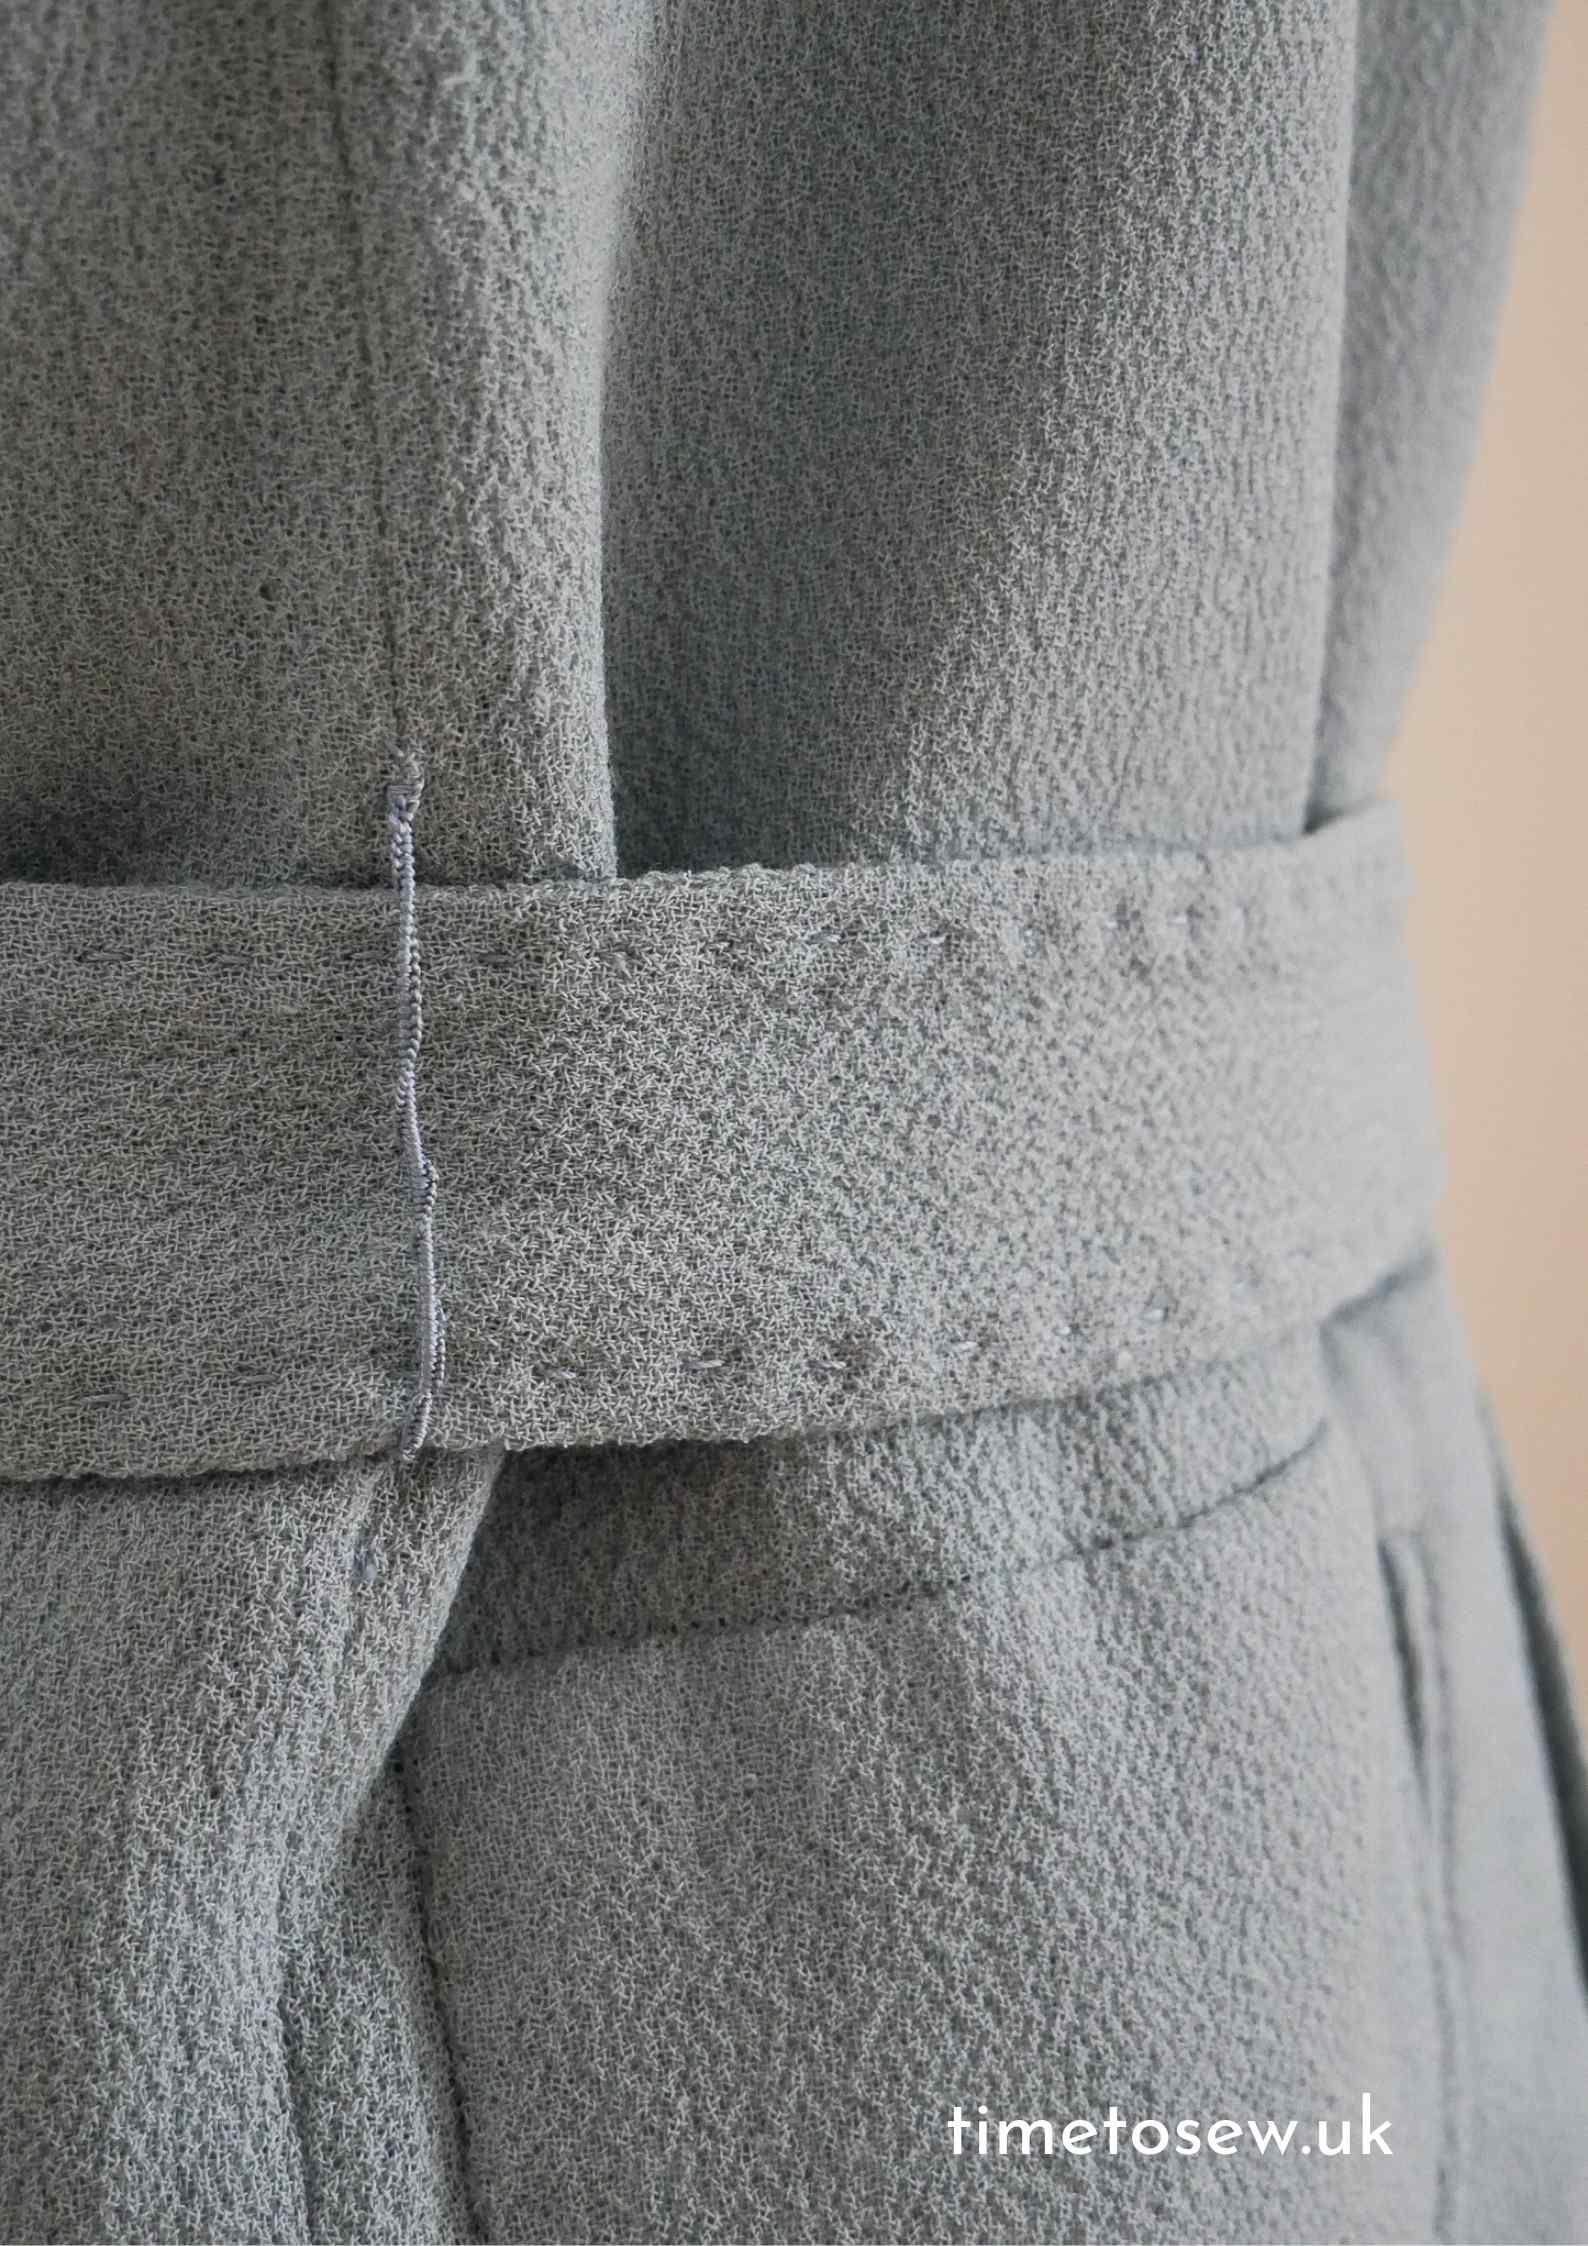 thread loops